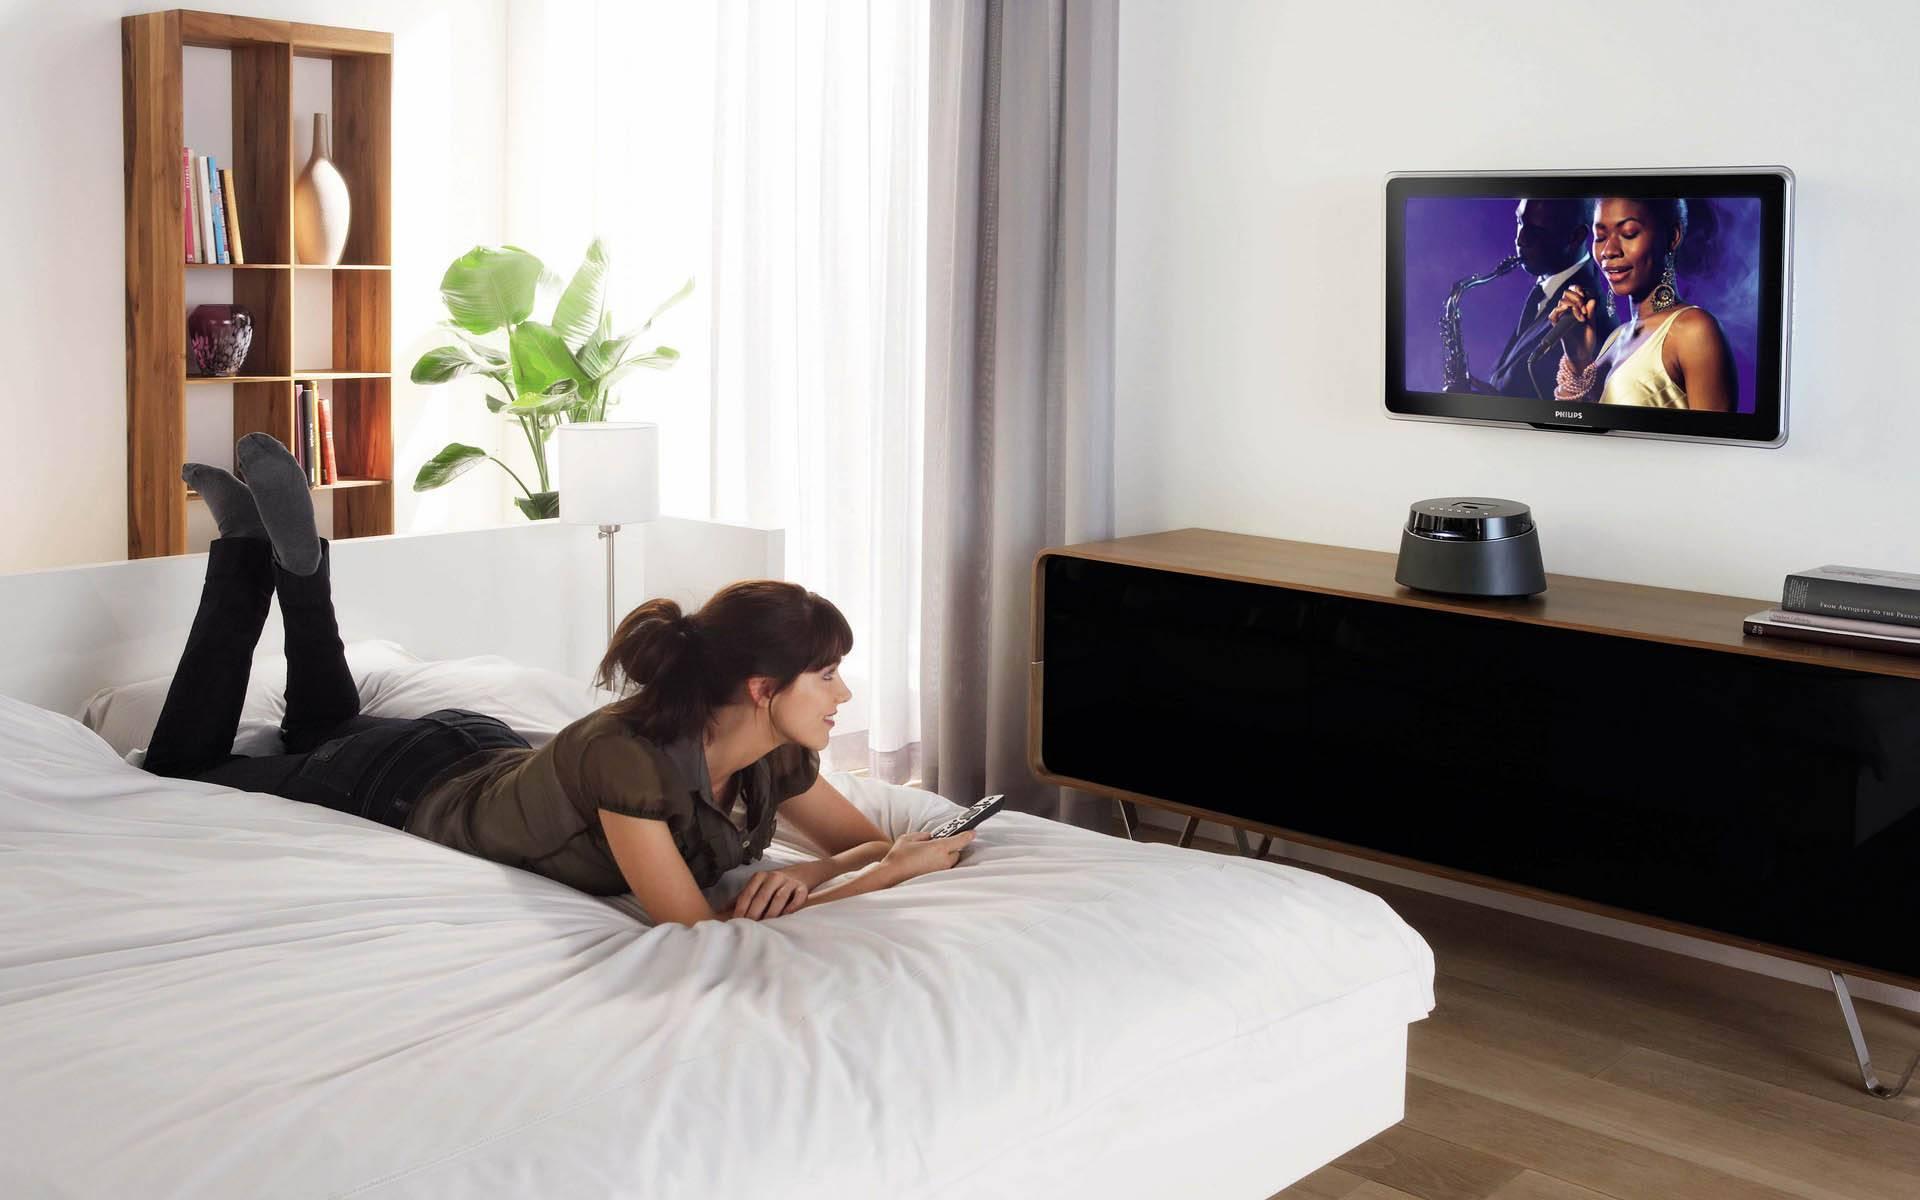 На какой высоте вешать телевизор?